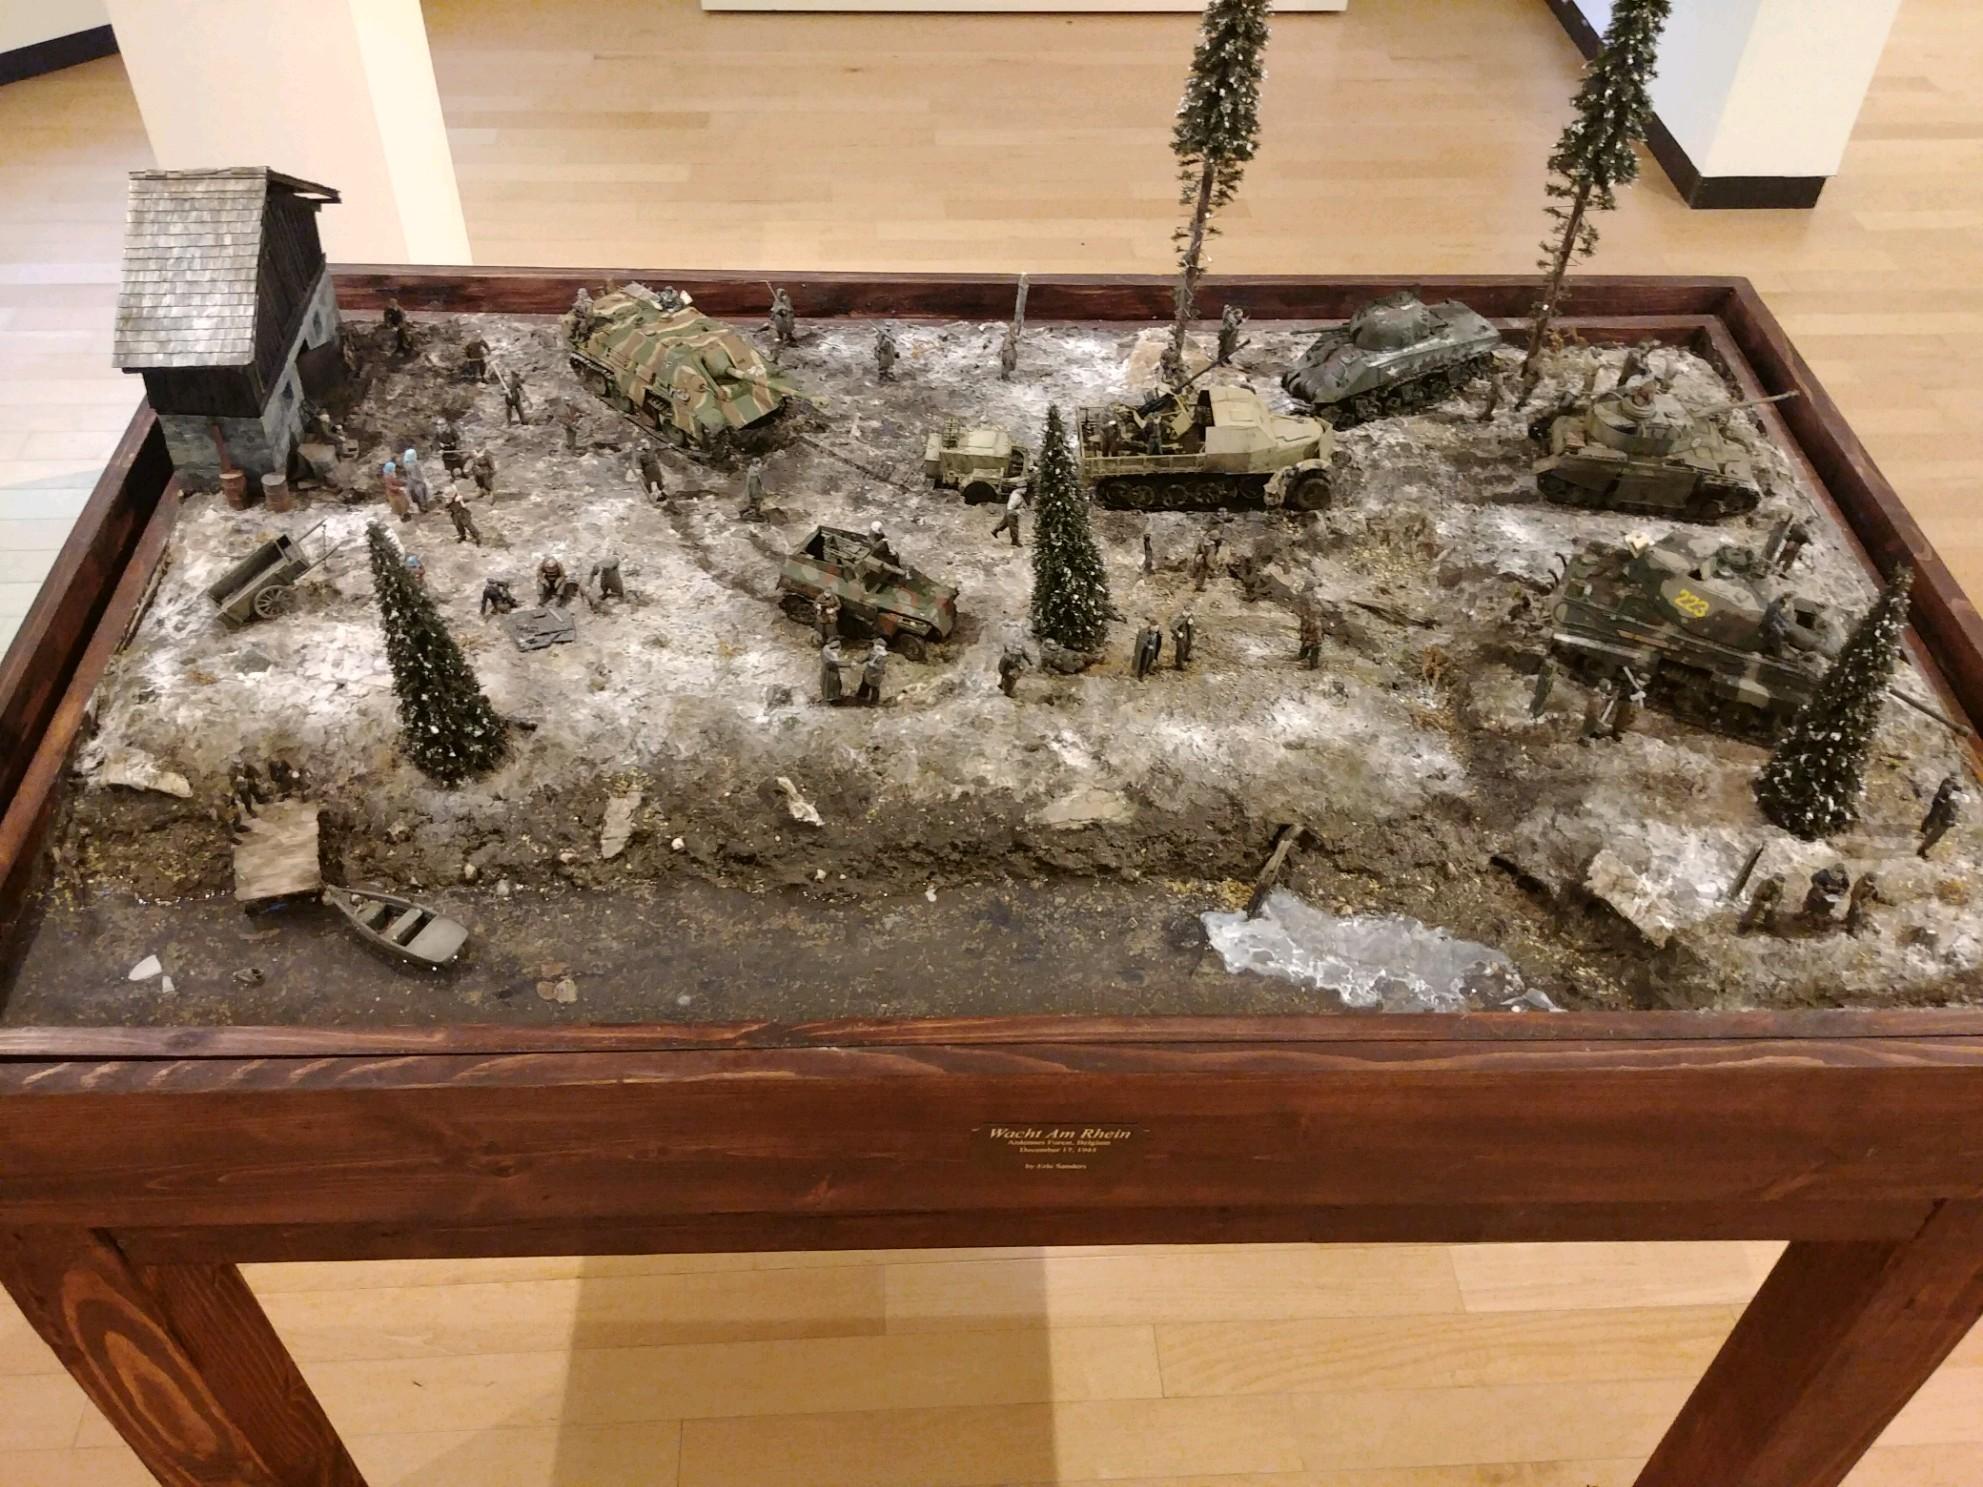 Diorama-on-Display-2